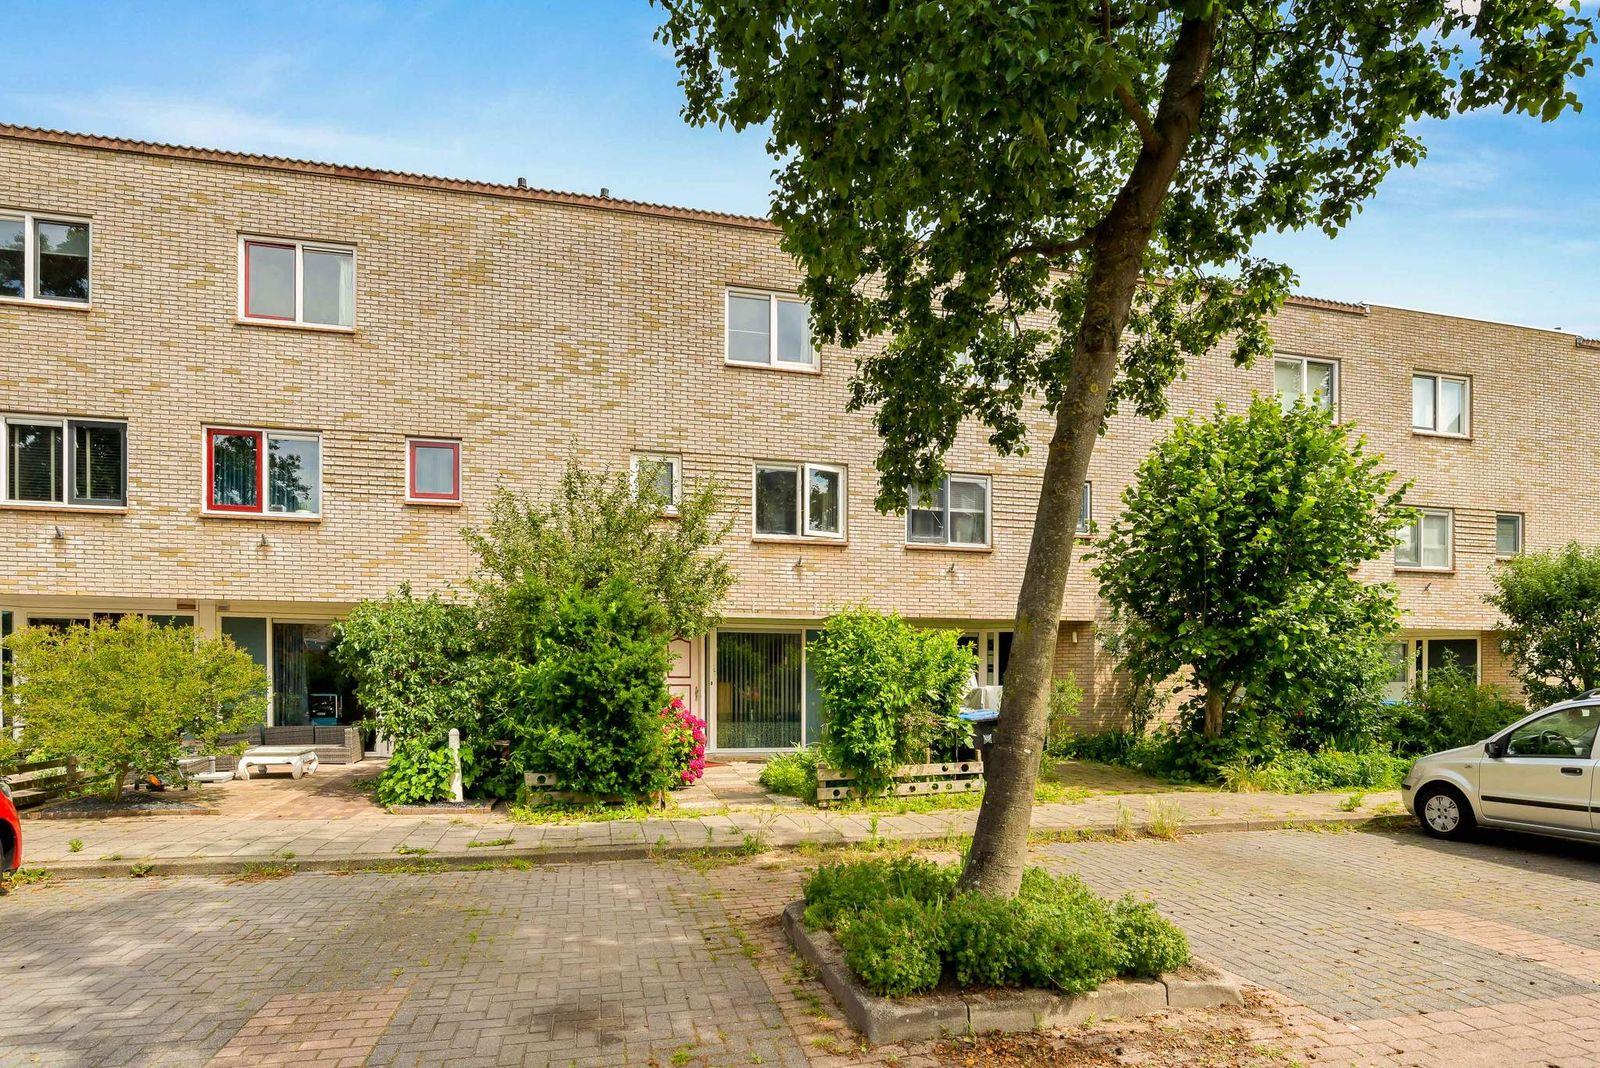 W. Kentstraat 17, Velserbroek